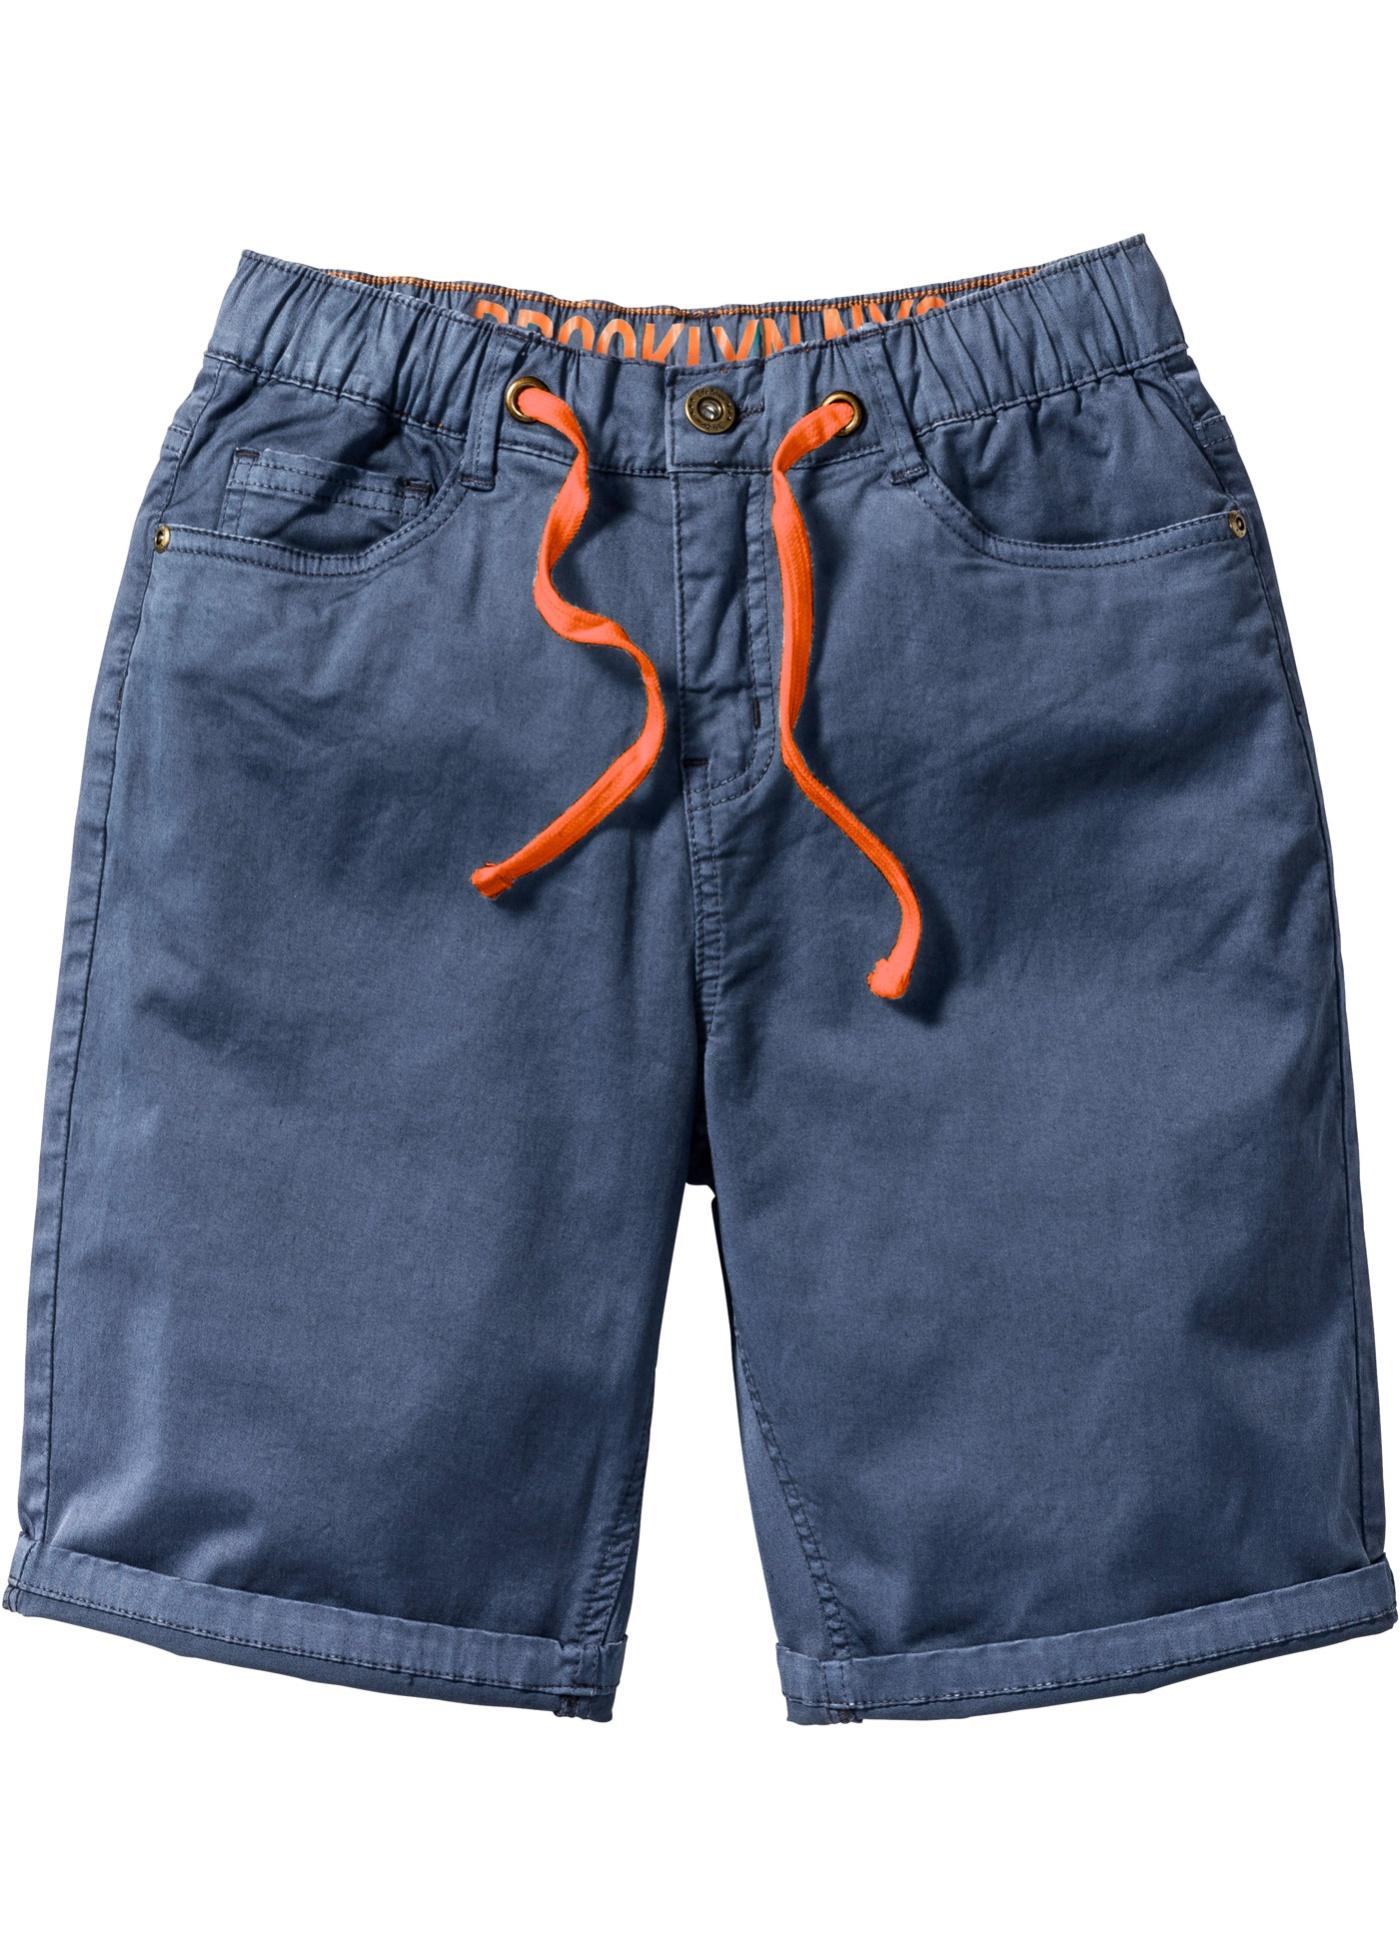 Bermuda di jeans con risvolto (Blu) - John Baner JEANSWEAR